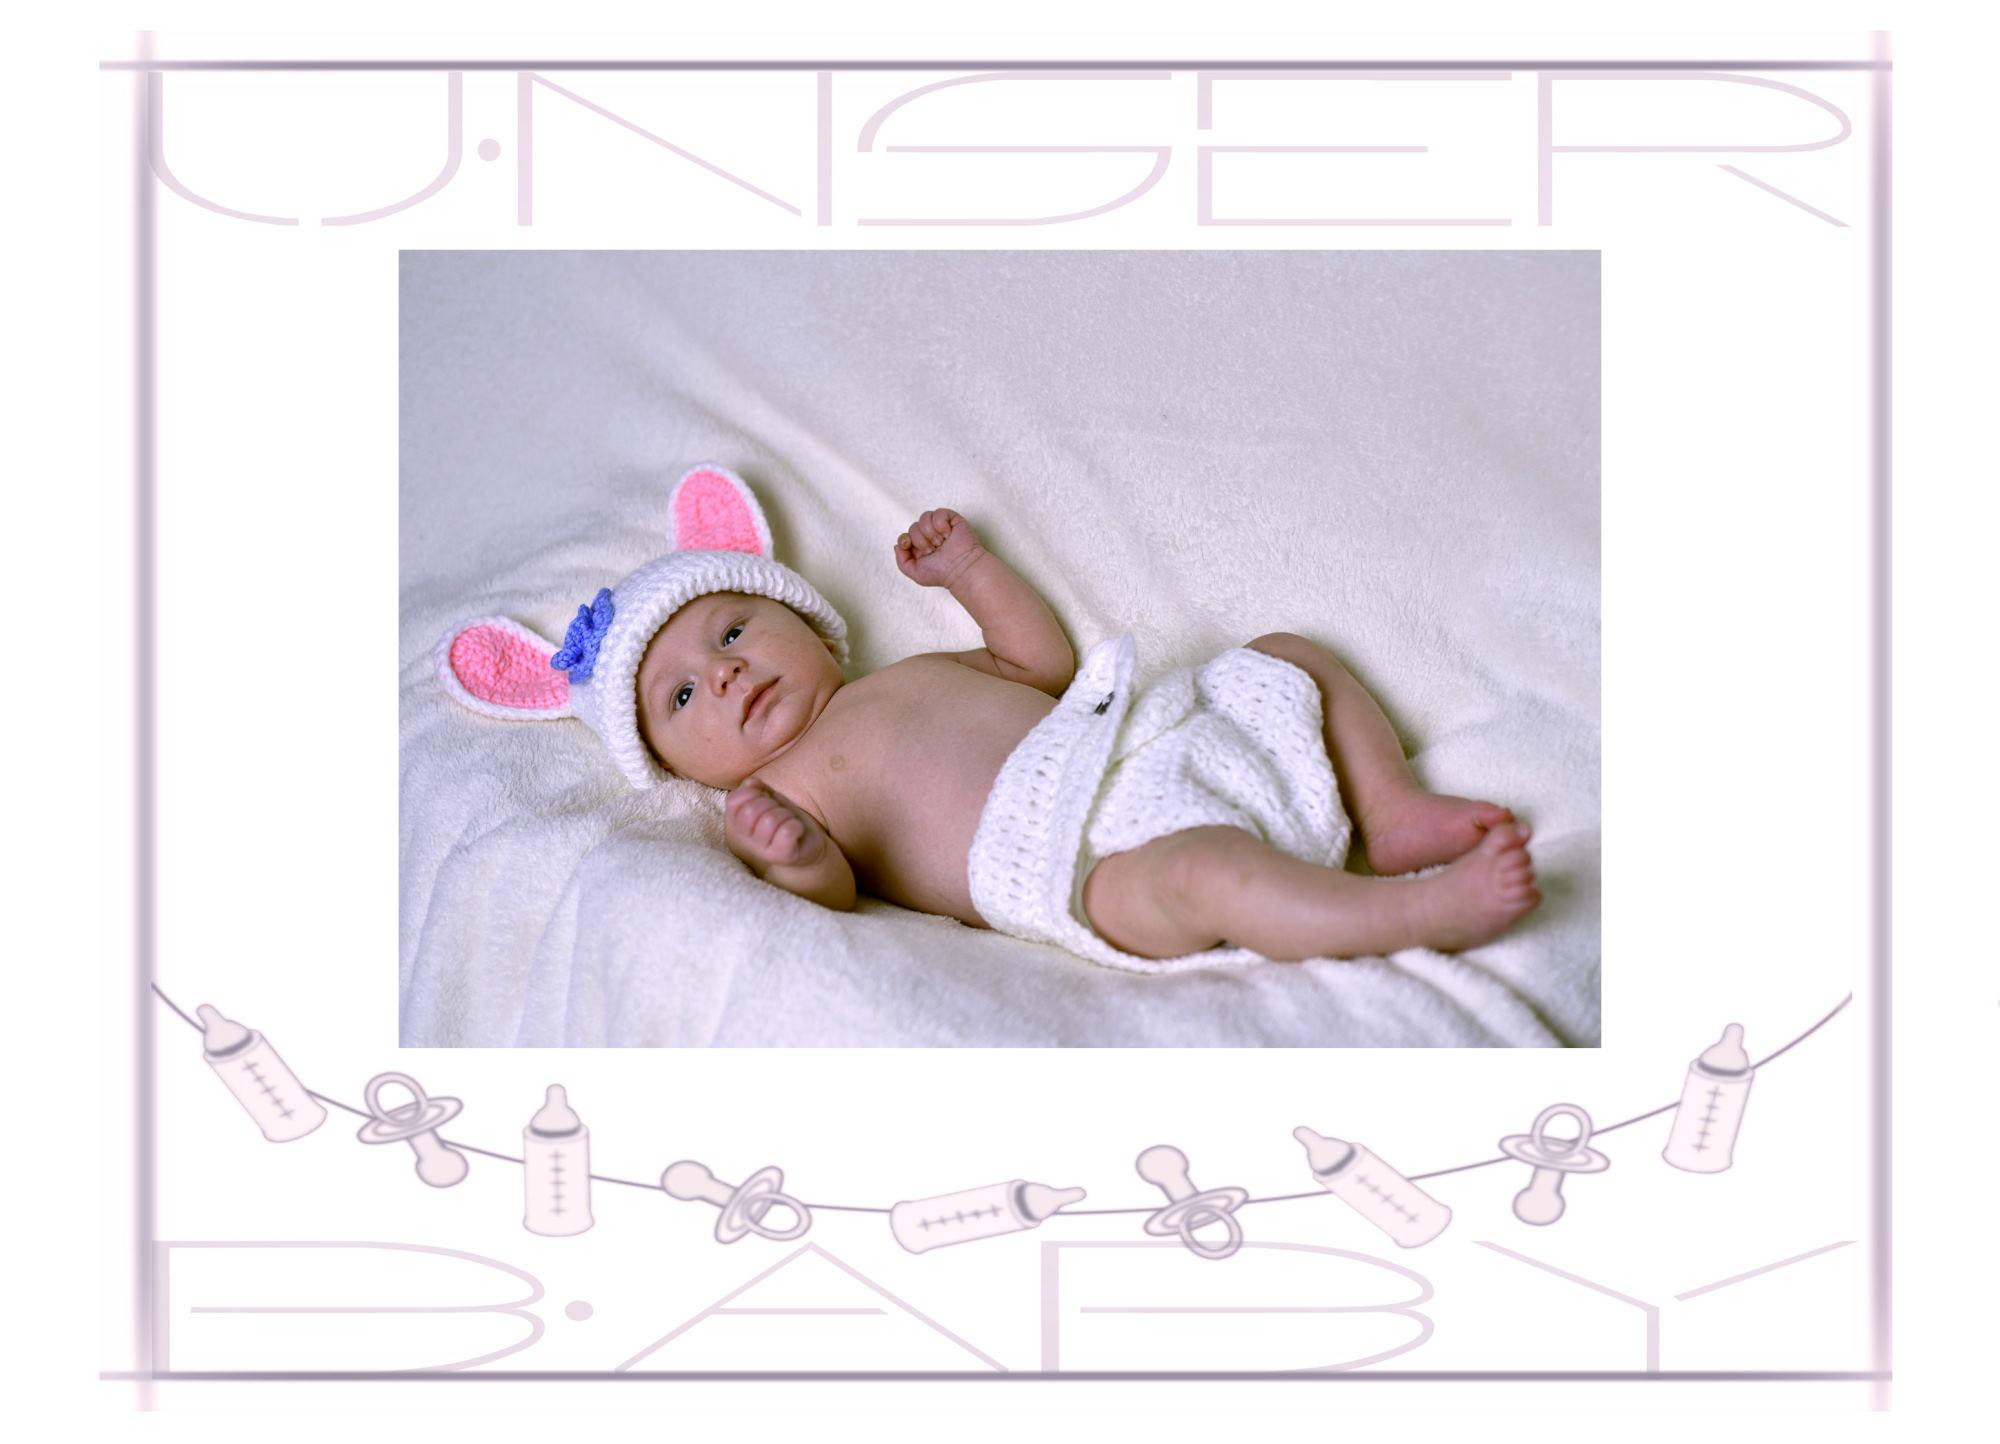 Babyfotografie und Bildbearbeitung